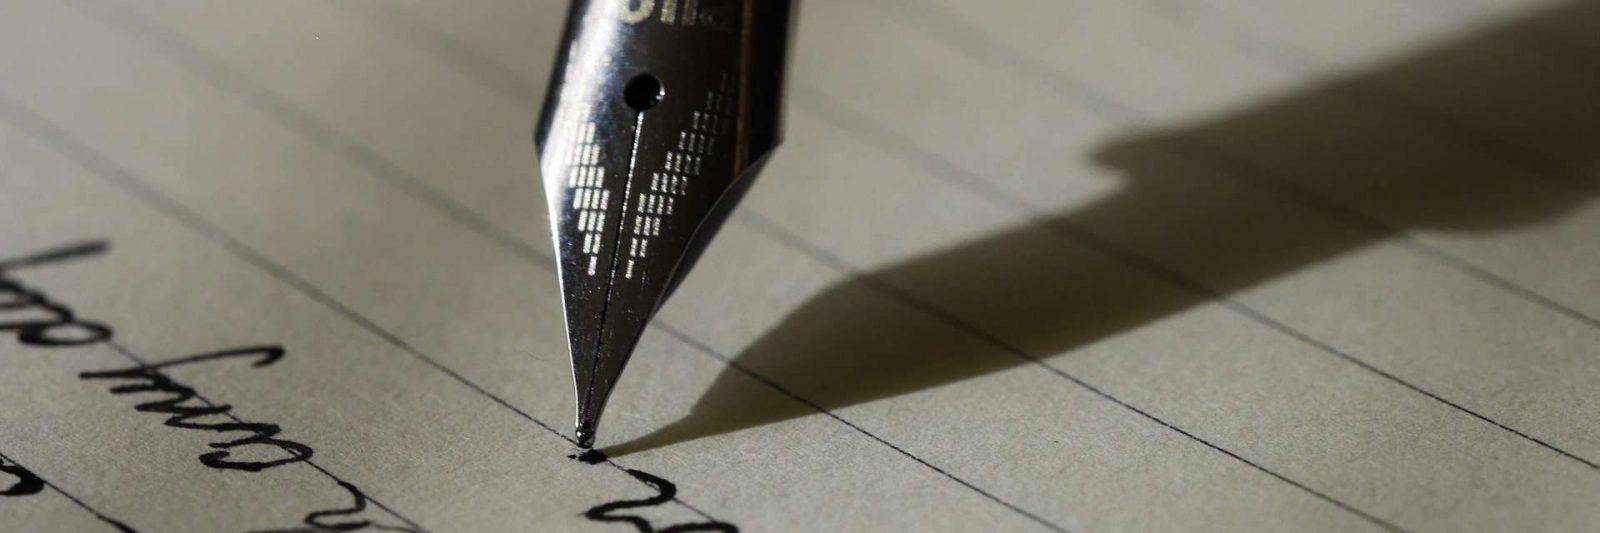 pen-paper-transcript